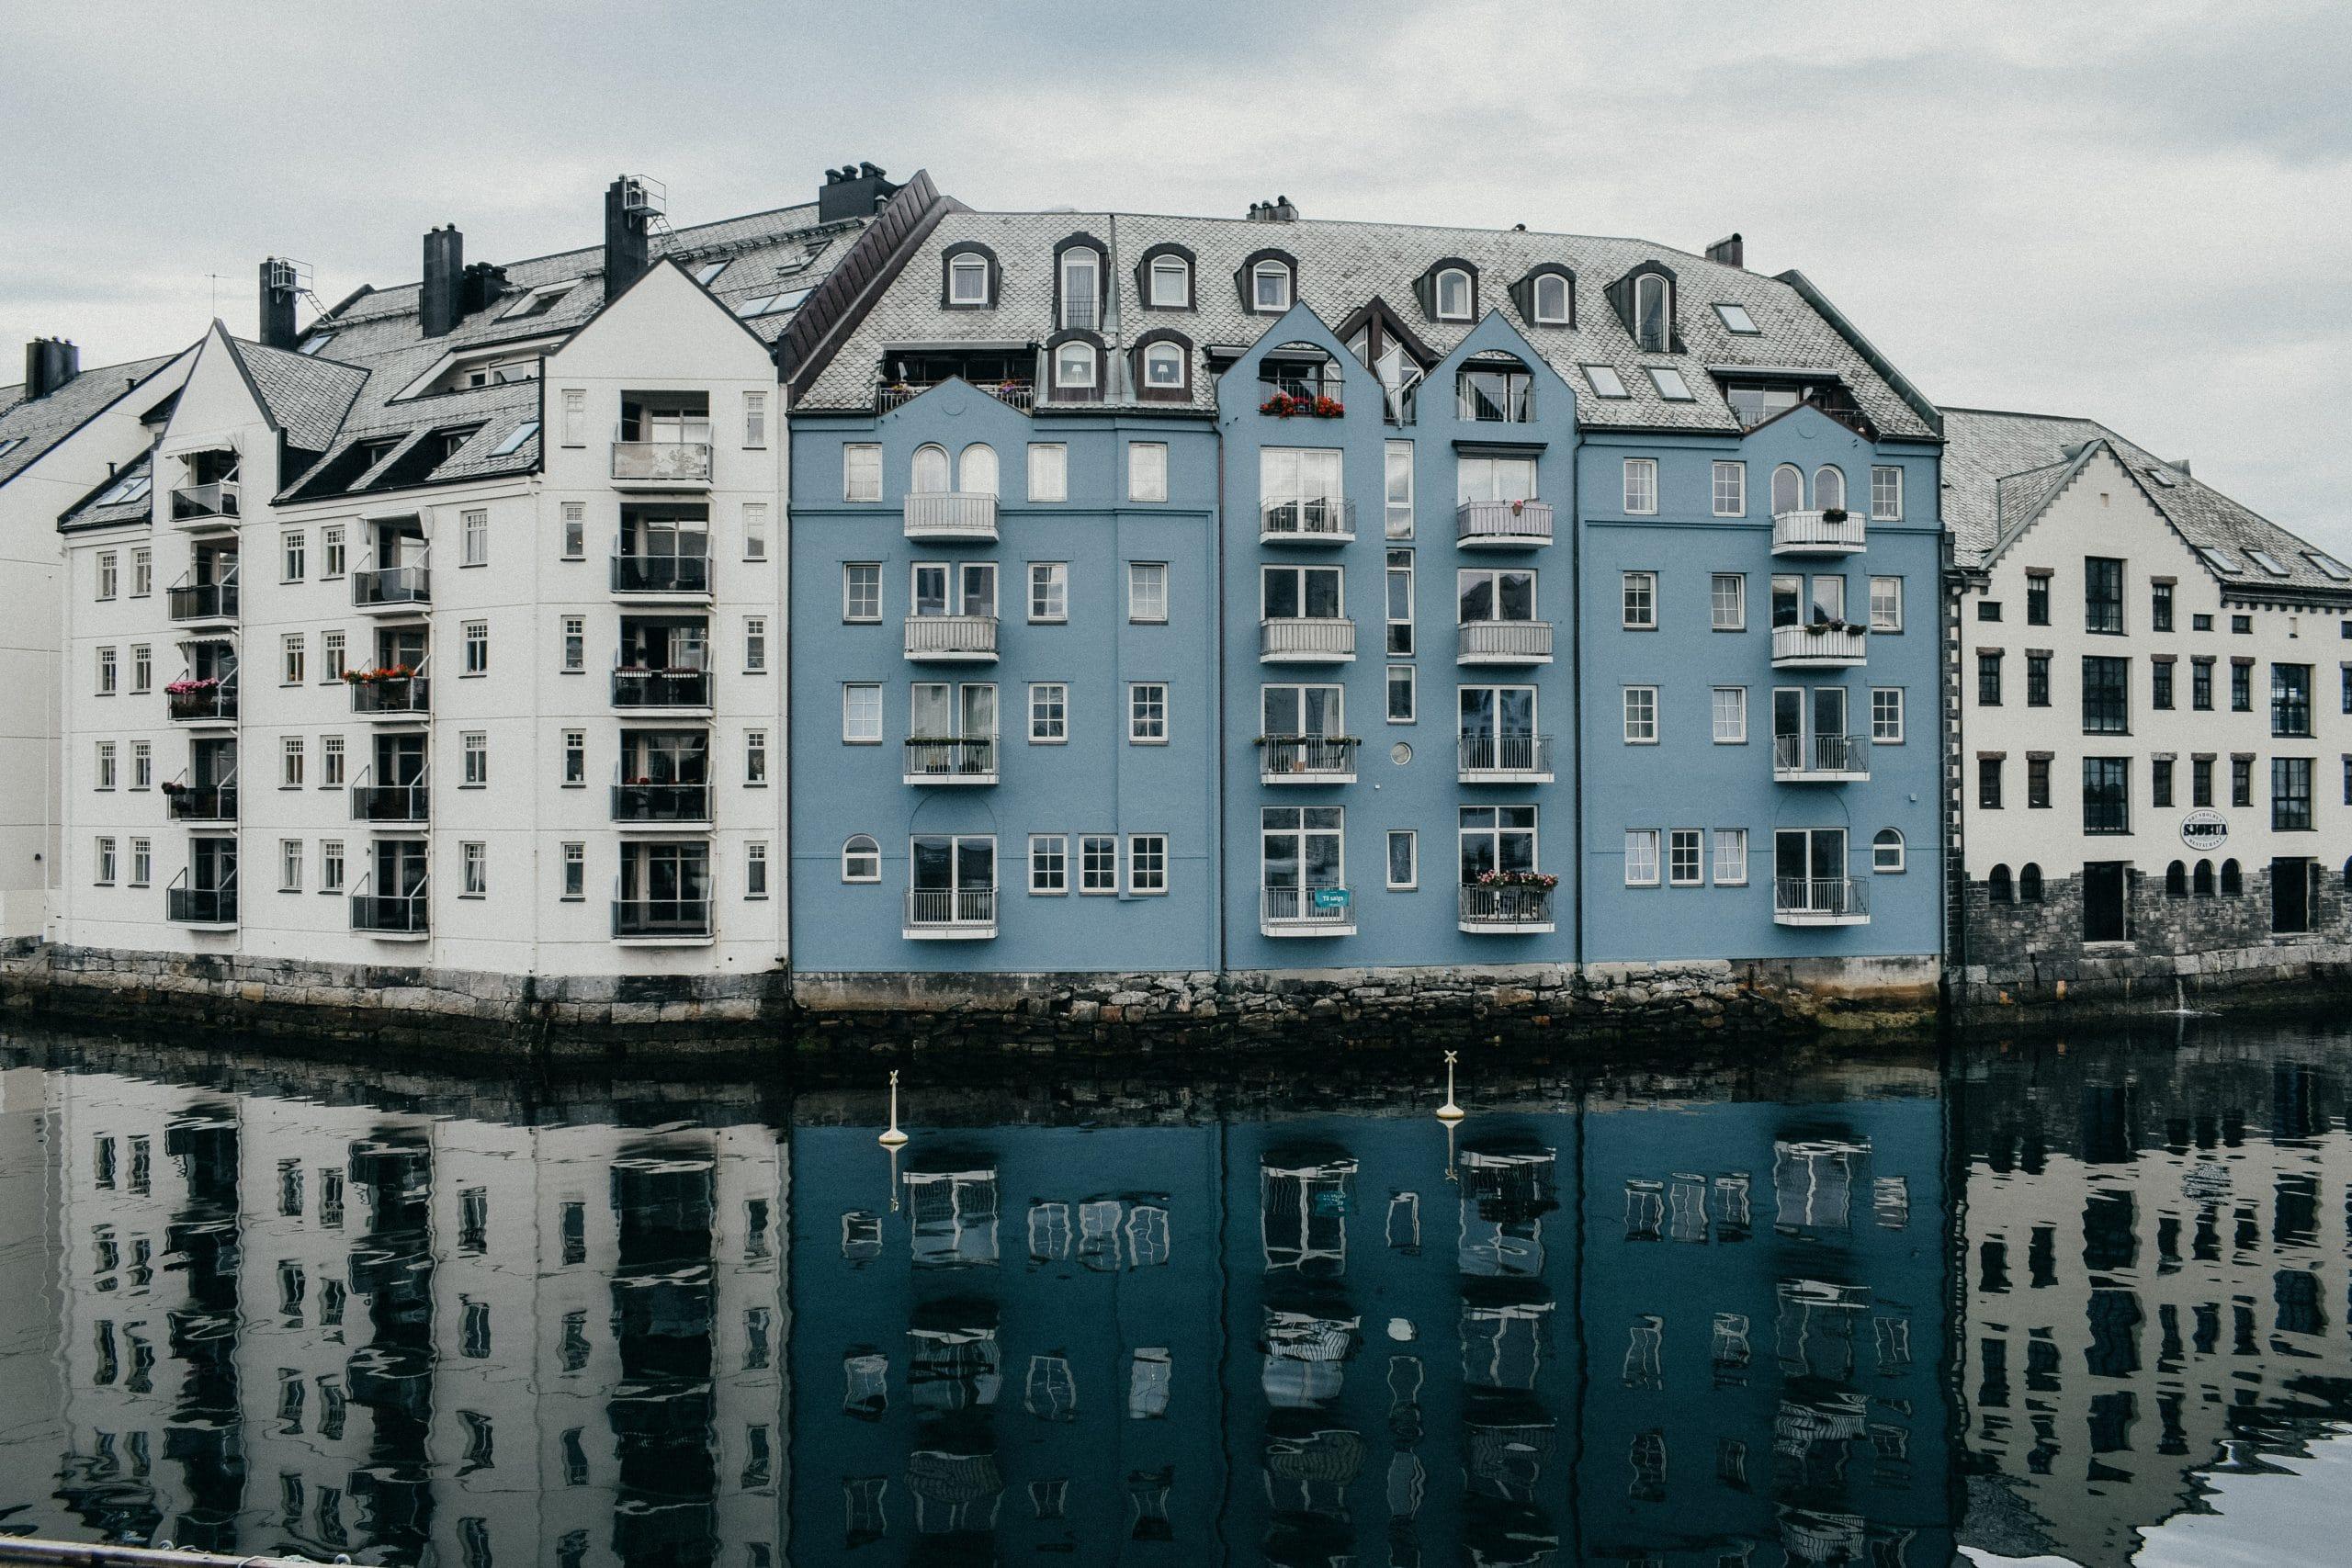 Bolig og job i Norge